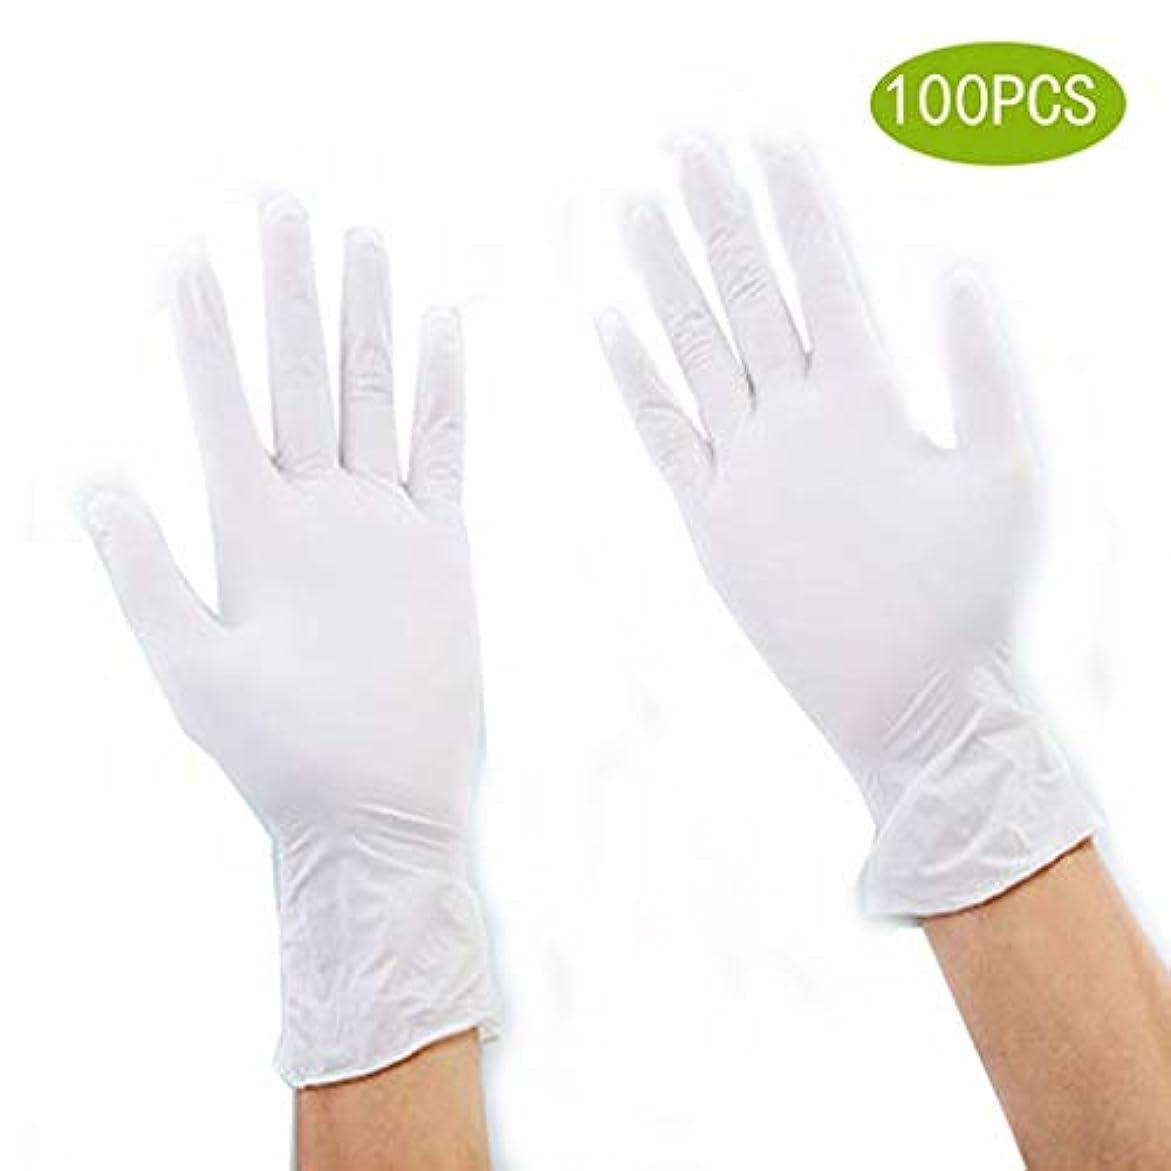 香水廃棄聴覚医療検査ニトリル手袋ボックス100、ラテックス/パウダーフリー、非滅菌手袋 - 安い、ディスカウント価格病院のための専門の等級、法執行機関、食糧販売業者、入れ墨の芸術家、家の使用 (Size : L)